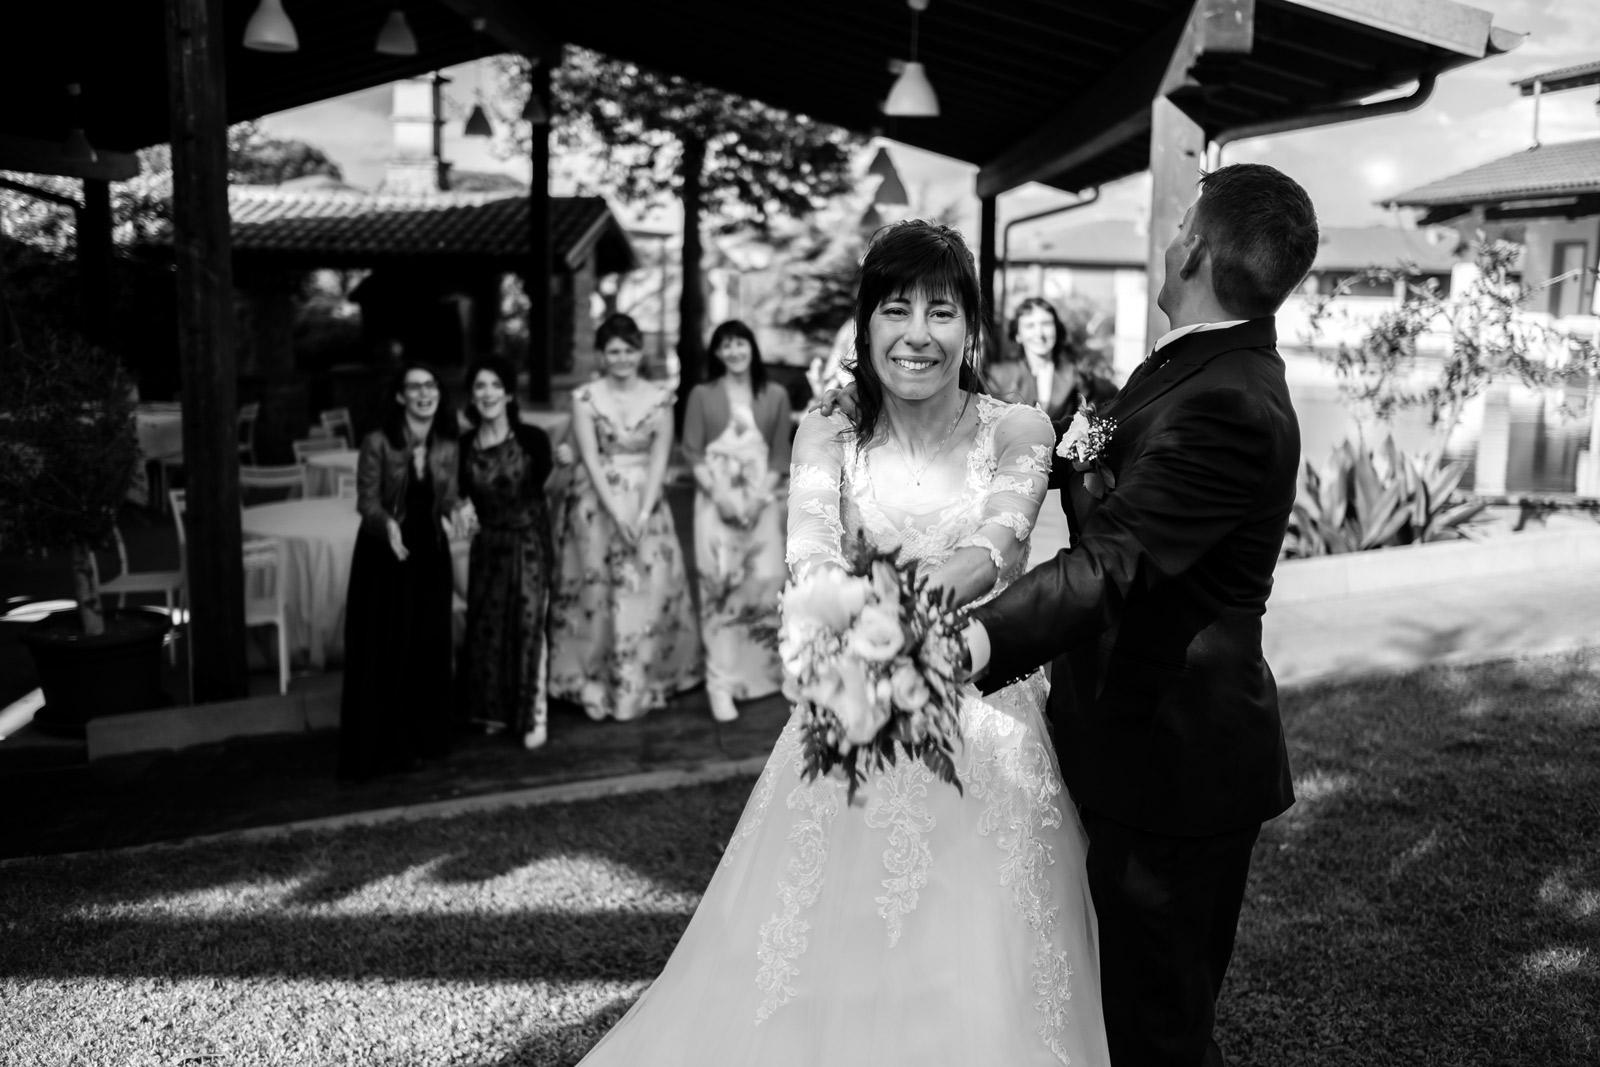 matrimonio a vitorchiano, vitorchiano, fabrica di roma, gloria proietti, giuseppe caccia, fedi nuziali, foto non in posa, fotografo di matrimonio di viterbo, fotografo di reportage matrimoniale, fotografo di matrimonio di reportage, viterbo, foto non in posa, emozioni, empatia, fotografi di emozioni, fiabe di luce, baci degli sposi, scambio di sguardi, il germoglio, fiori, comune di vitorchiano, sposarsi a vitorchiano, empatia, discrezione, ballo degli sposi, bacio degli sposi, baciarsi, amarsi, stringersi, sposarsi nella tuscia, fotografo di matrimonio della tuscia, fotografo di matrimonio nella tuscia, tuscia fotografica, anelli nuziali, chiesa della madonna del ruscello, vallerano, chiesa di vallerano, maggiolone volkswagen, macchina degli sposi, macchina della sposa, sposarsi con la pioggia, pioggia, matrimonio piovoso, preparativi dello sposo, preparativi della sposa, trucco, acconciatura della sposa, fratelli, sorelle, amici degli sposi, scherzi degli sposi, nando al pallone, nando al pallone vitorchiano, ristorante vitorchiano, piscina, fotografo emozionale